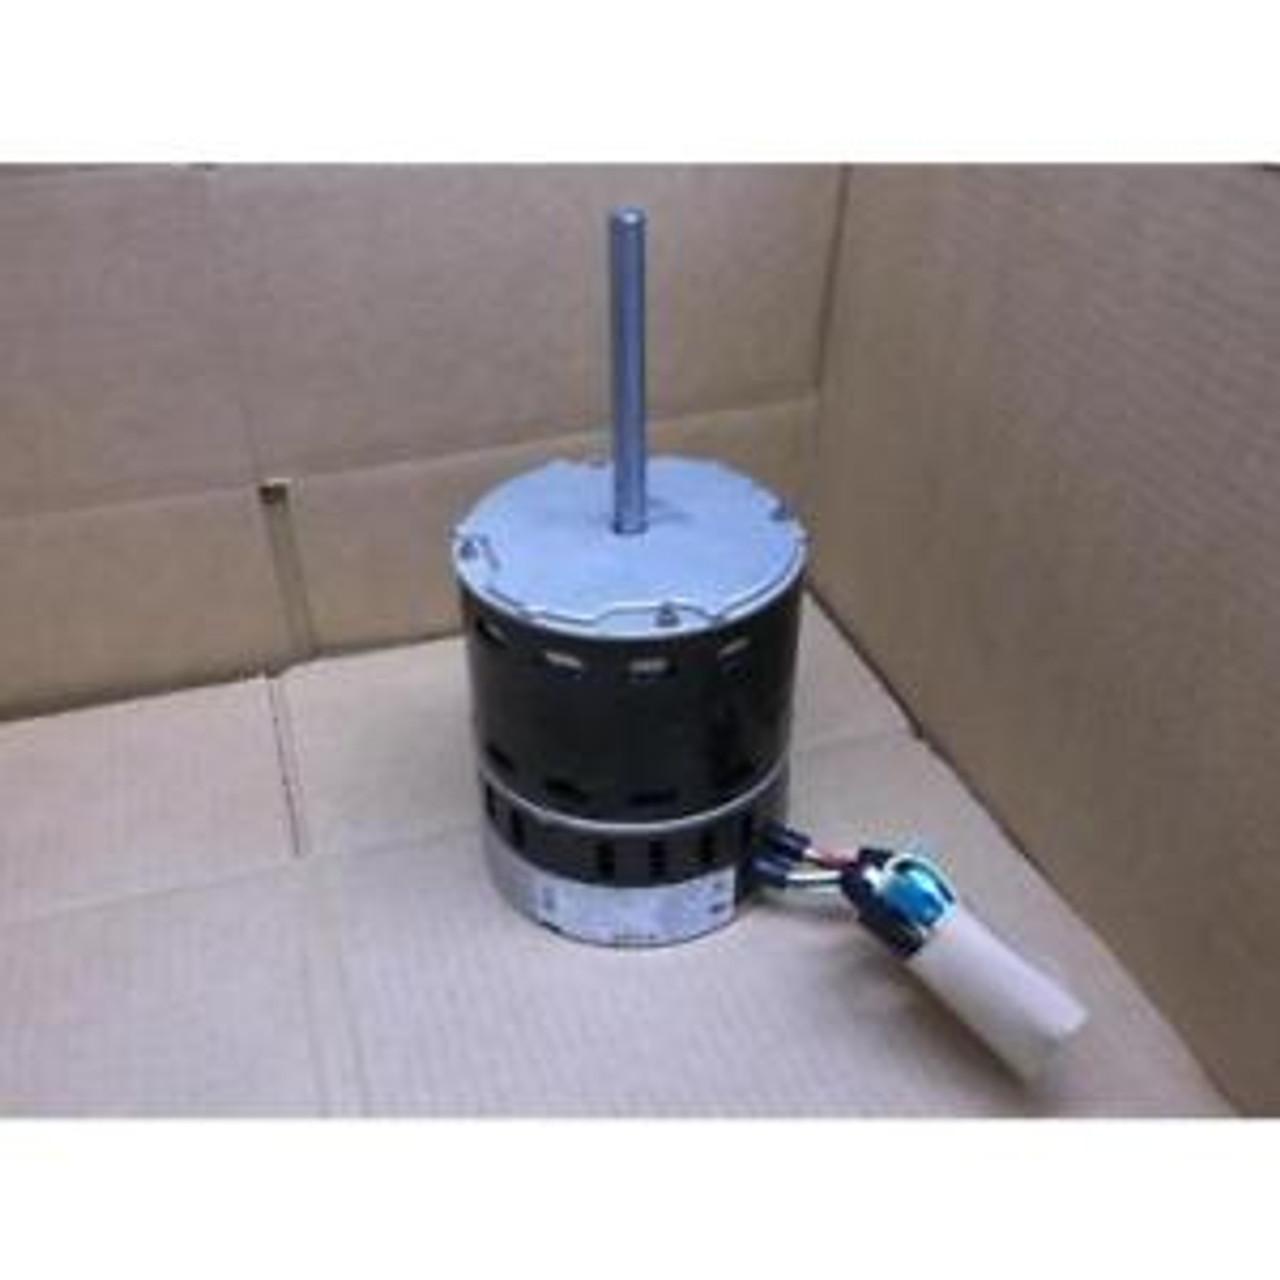 622639 Zhongshan Broad-Ocean Indoor Blower Motor ZWK702B5381201 1//2 HP